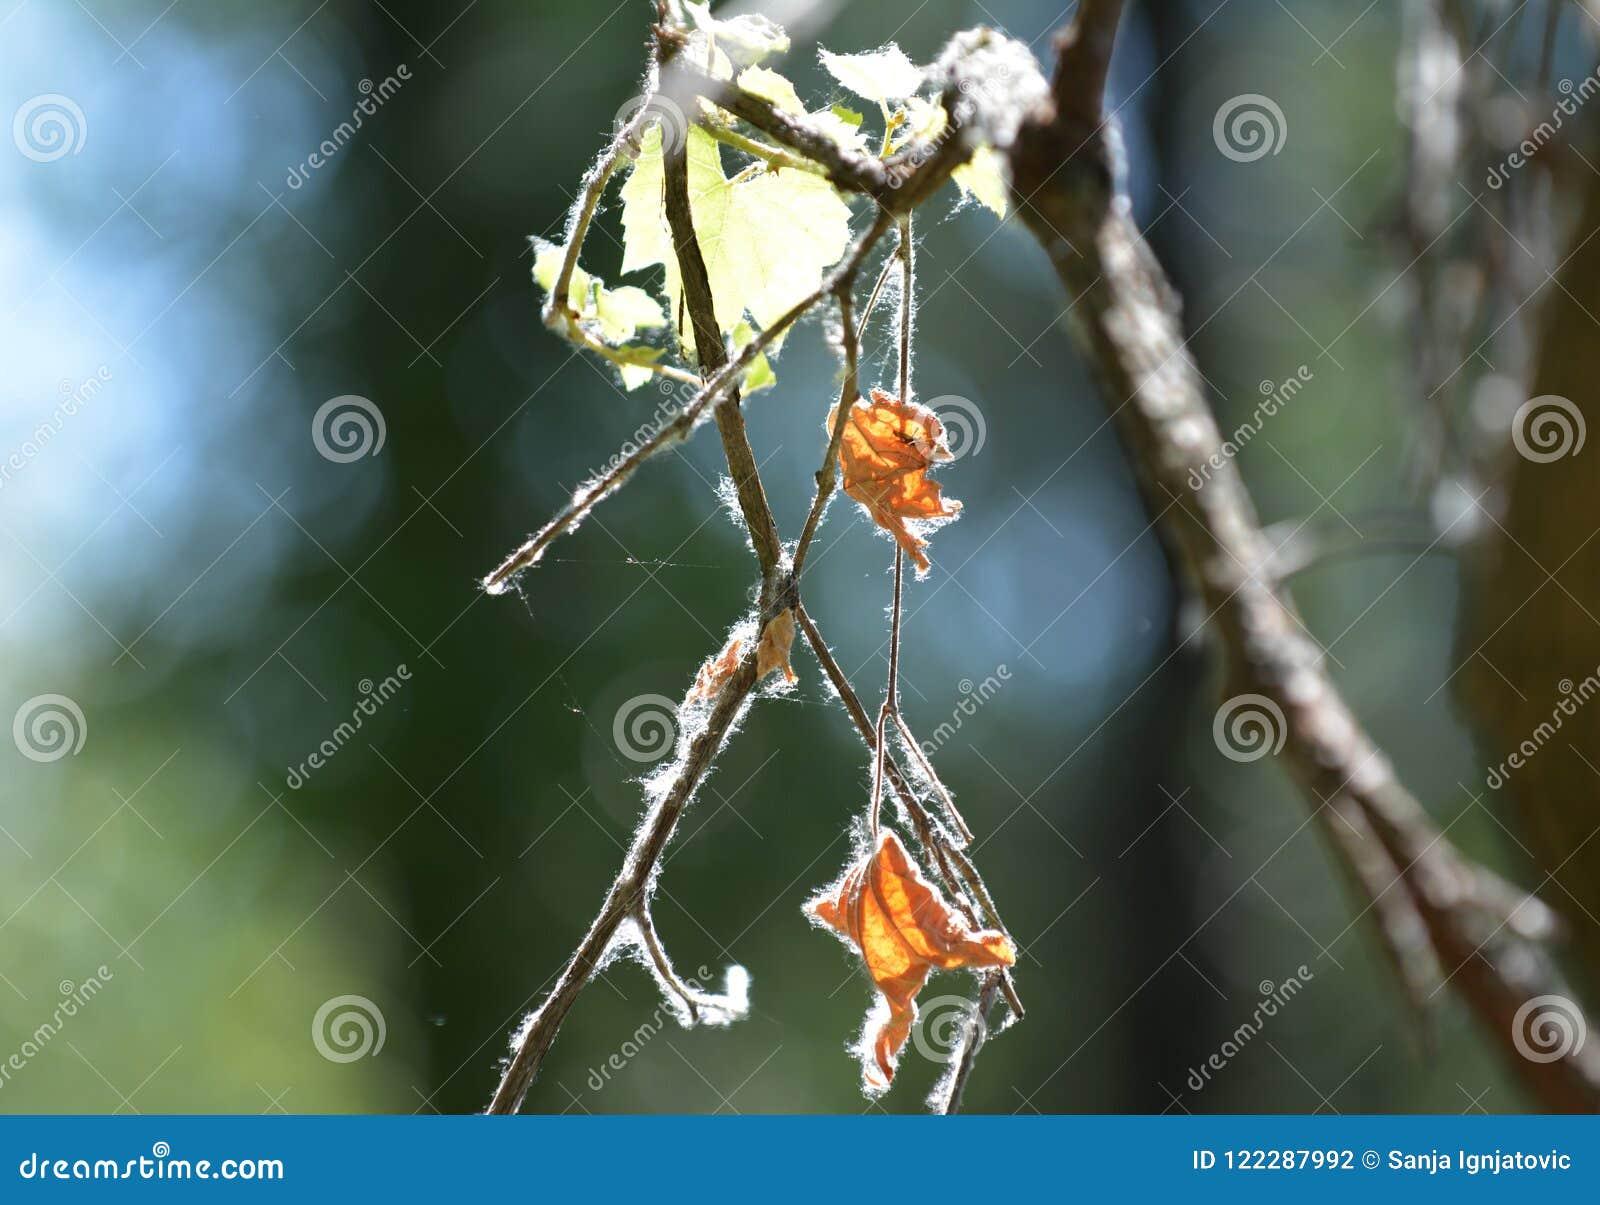 Ramas y hojas en naturaleza durante verano